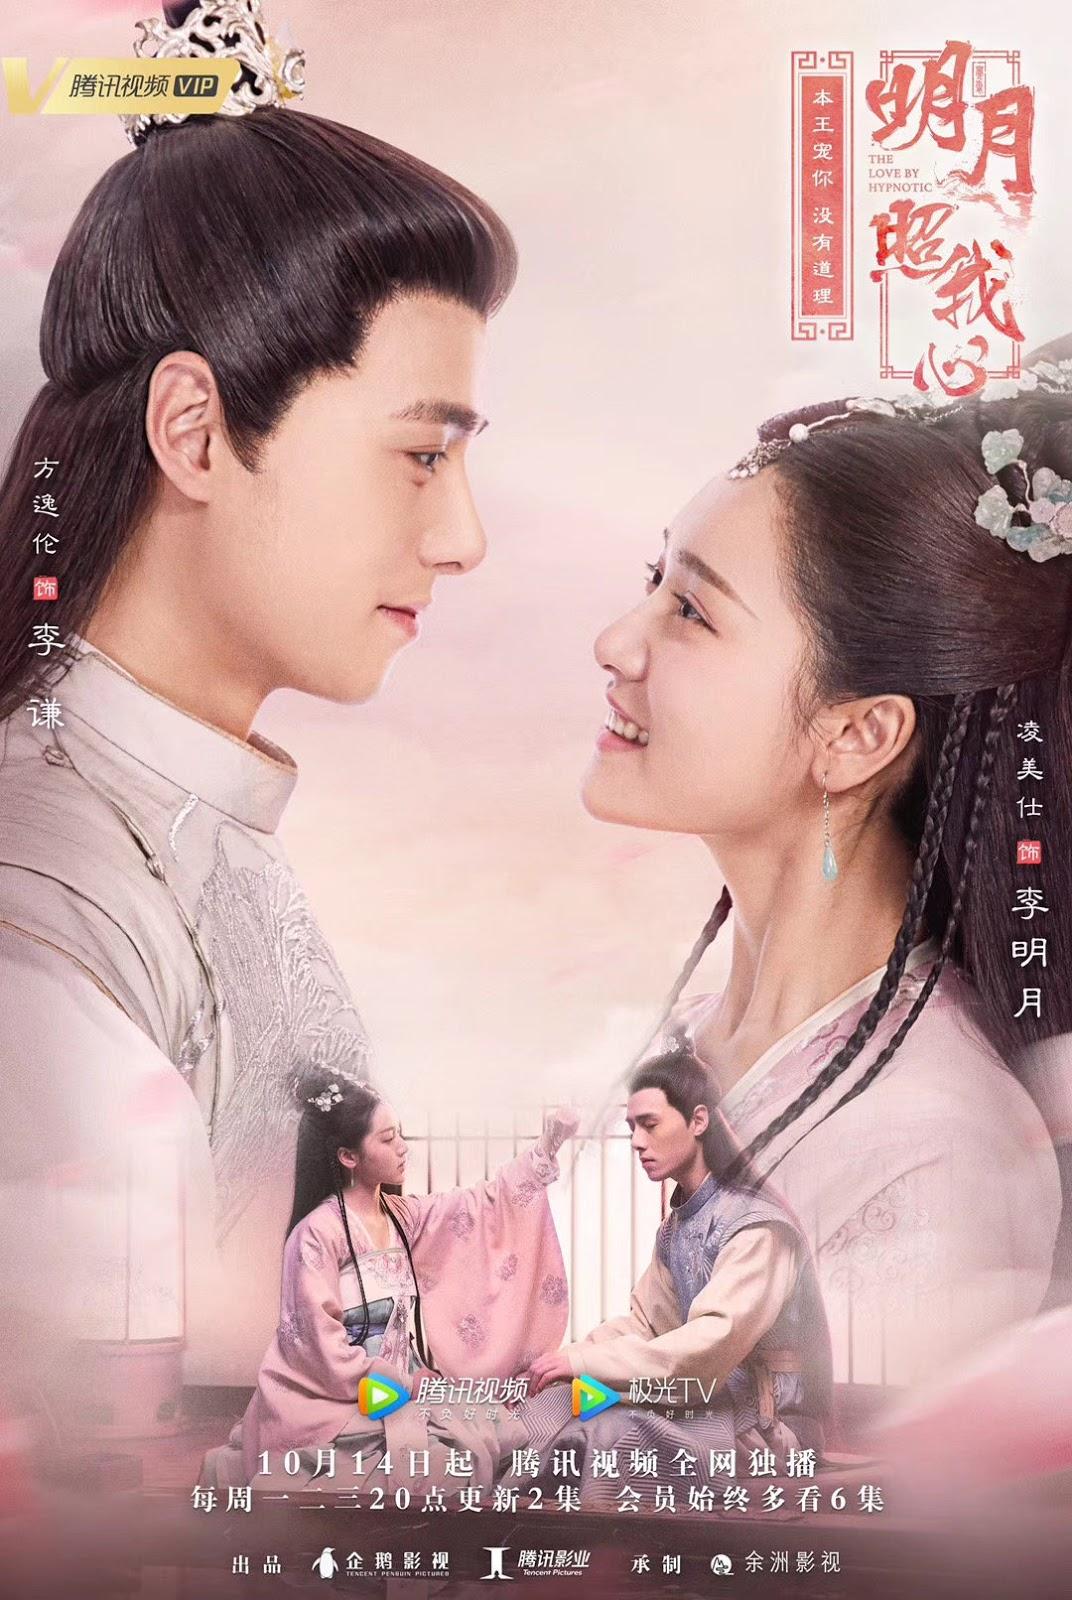 Xem Phim Ánh Trăng Soi Sáng Lòng Ta - The Love By Hypnotic